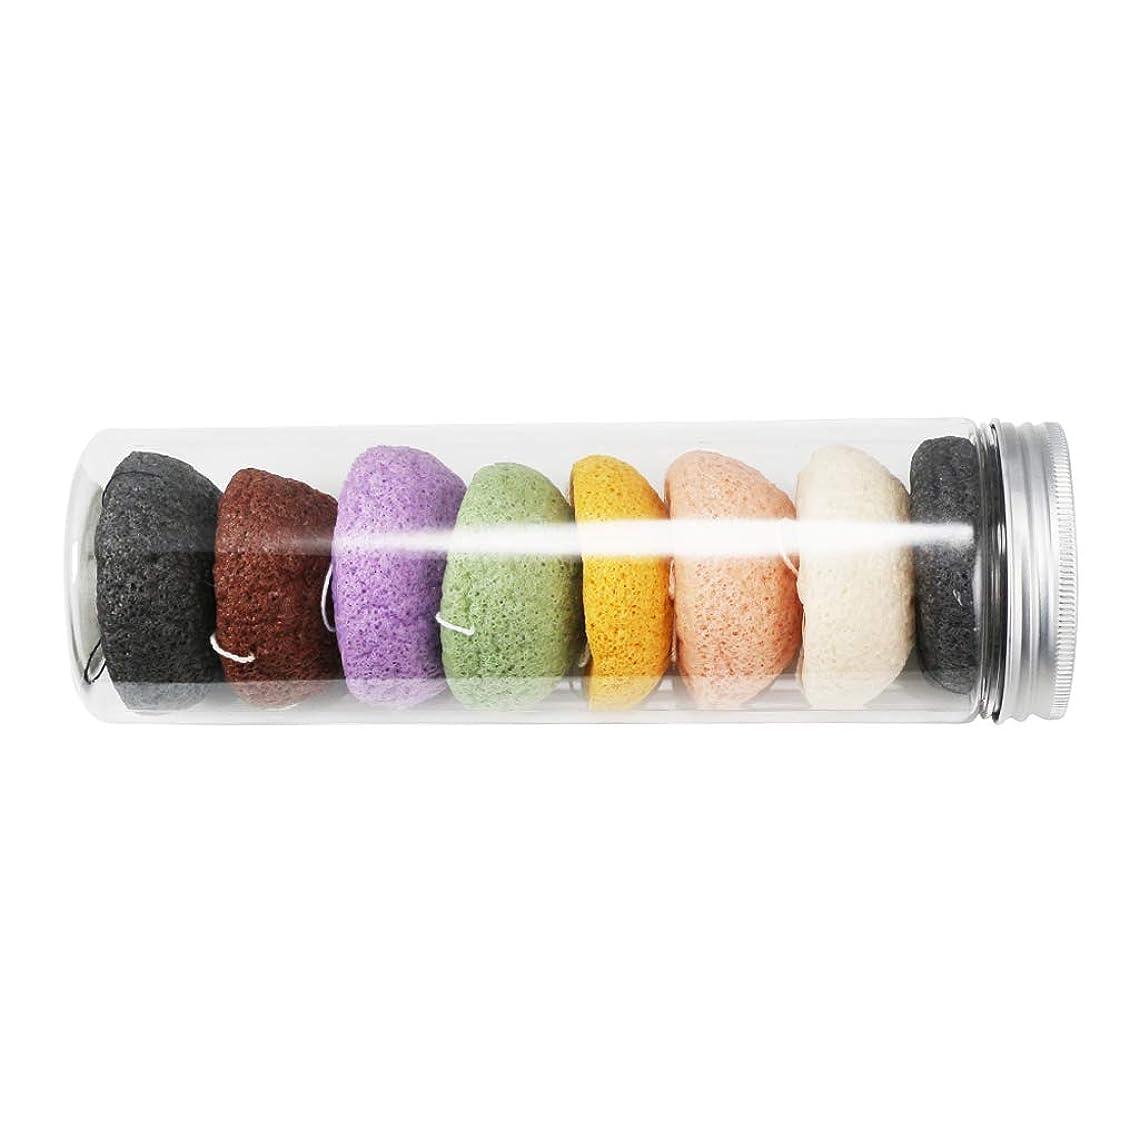 クラックポットプラスチック繊維P Prettyia 8個セット こんにゃくスポンジ 洗顔用 マッサージクリーニング 敏感肌対応 天然繊維 缶詰付き 多色